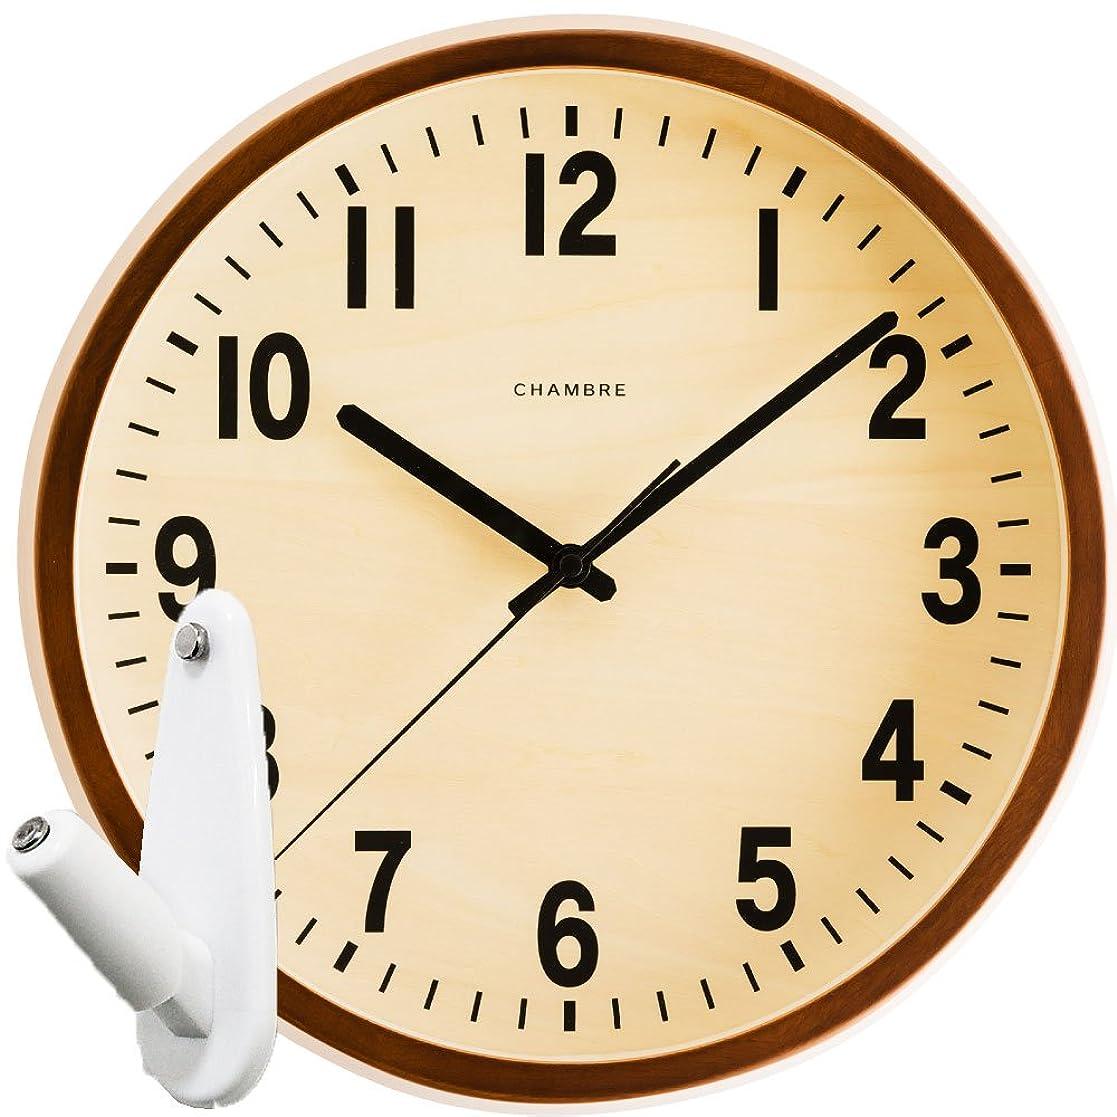 簡略化する疑い者狐CHAMBRE PUBLIC CLOCK CH-027 + 壁の穴が目立ちにくい時計用壁掛けフック 2点セット 掛け時計 掛時計 壁掛け時計 壁掛時計 フック おしゃれ シャンブル パブリッククロック INTERZERO (カフェブラウン)